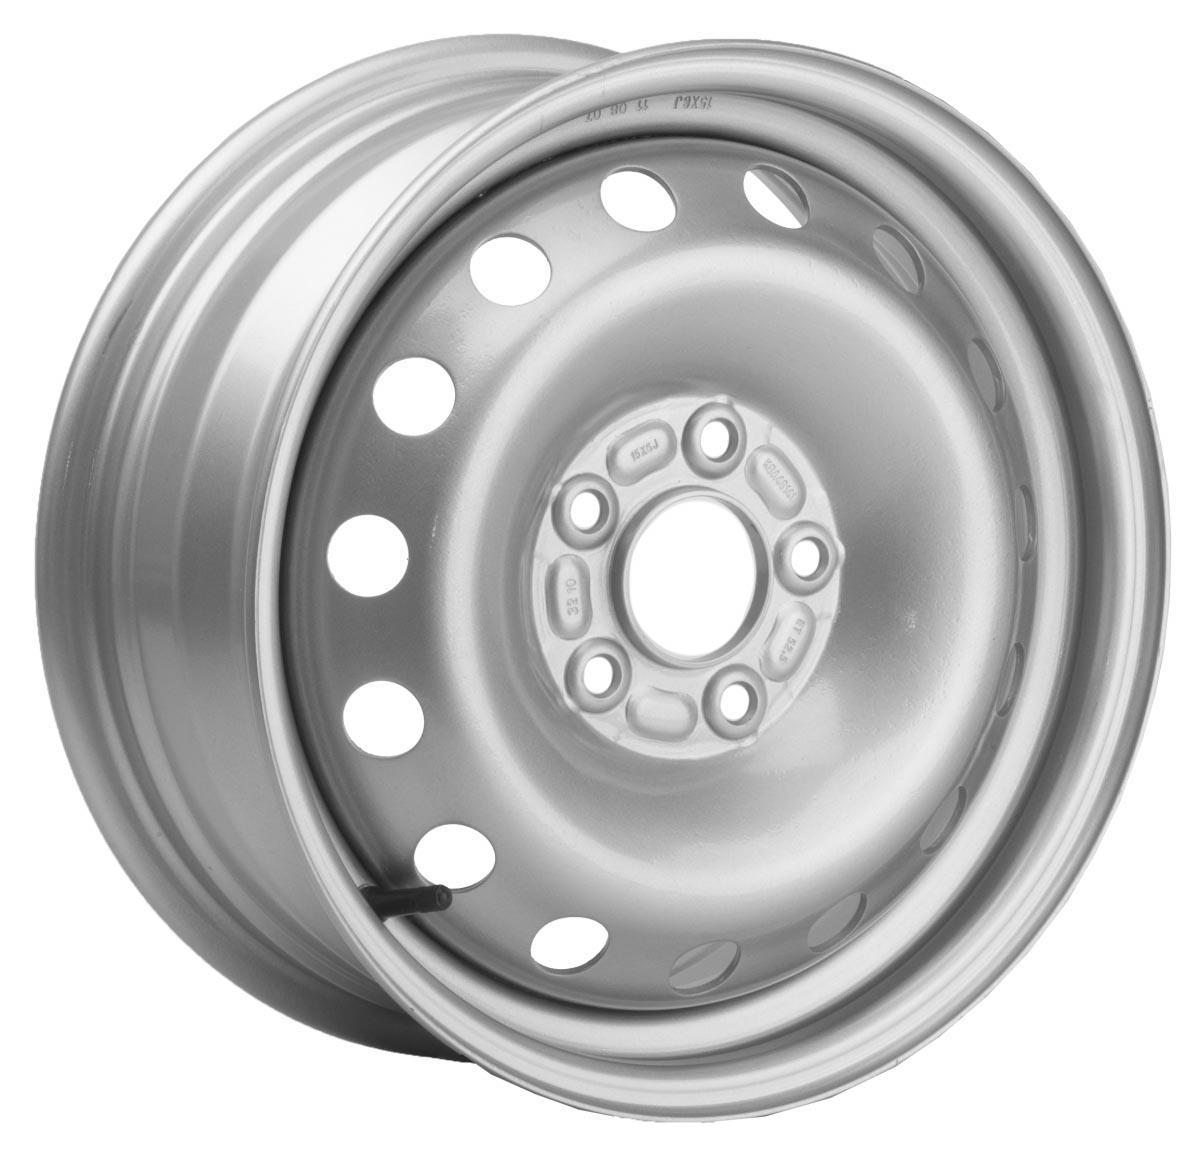 Штампованные диски форд фокус 2 тзск 13 фотография